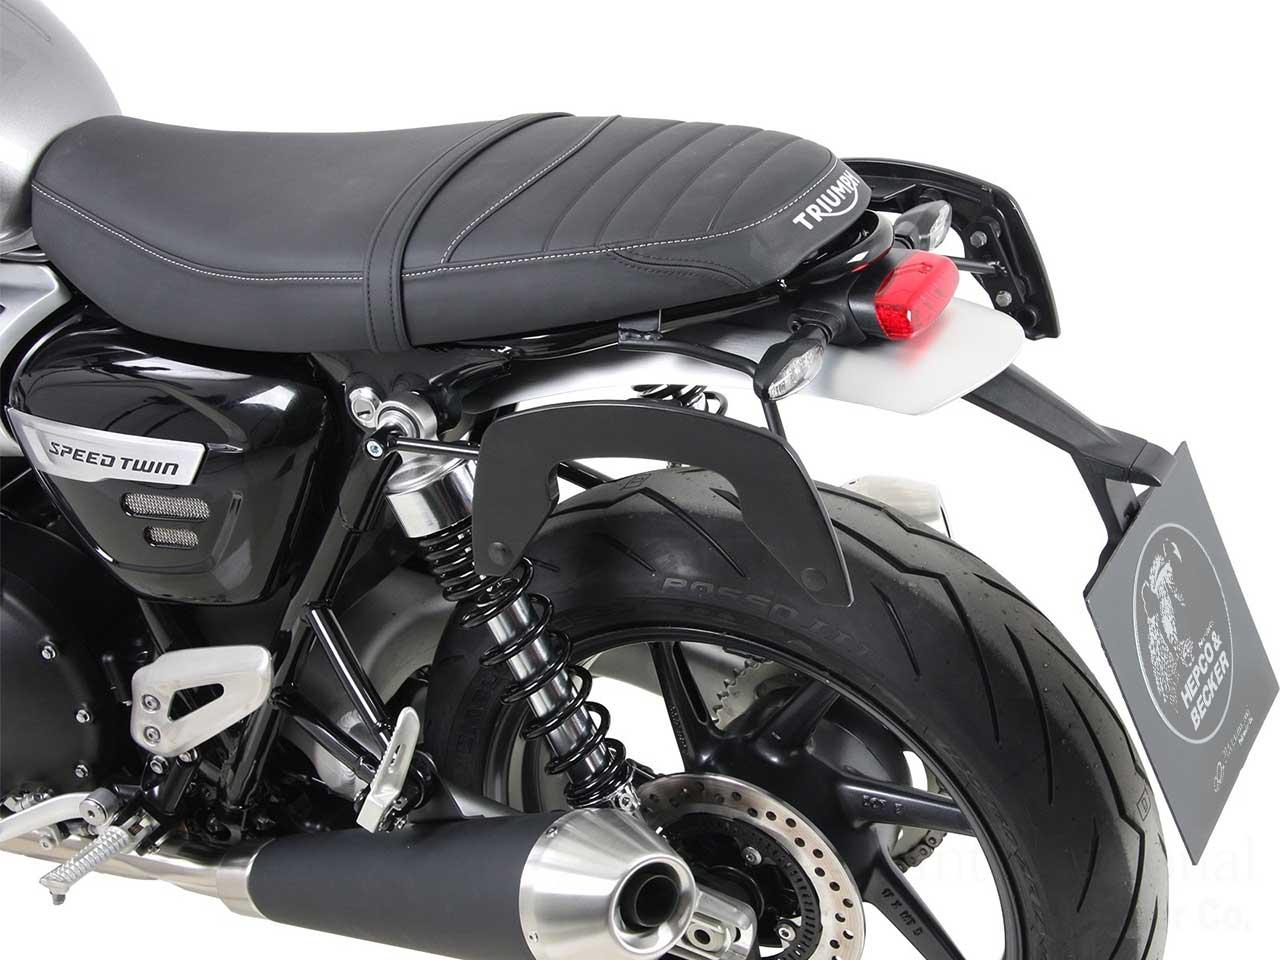 ヘプコ&ベッカー サイドソフトケースホルダー(キャリア)「C-Bow」 Triumph SpeedTwin